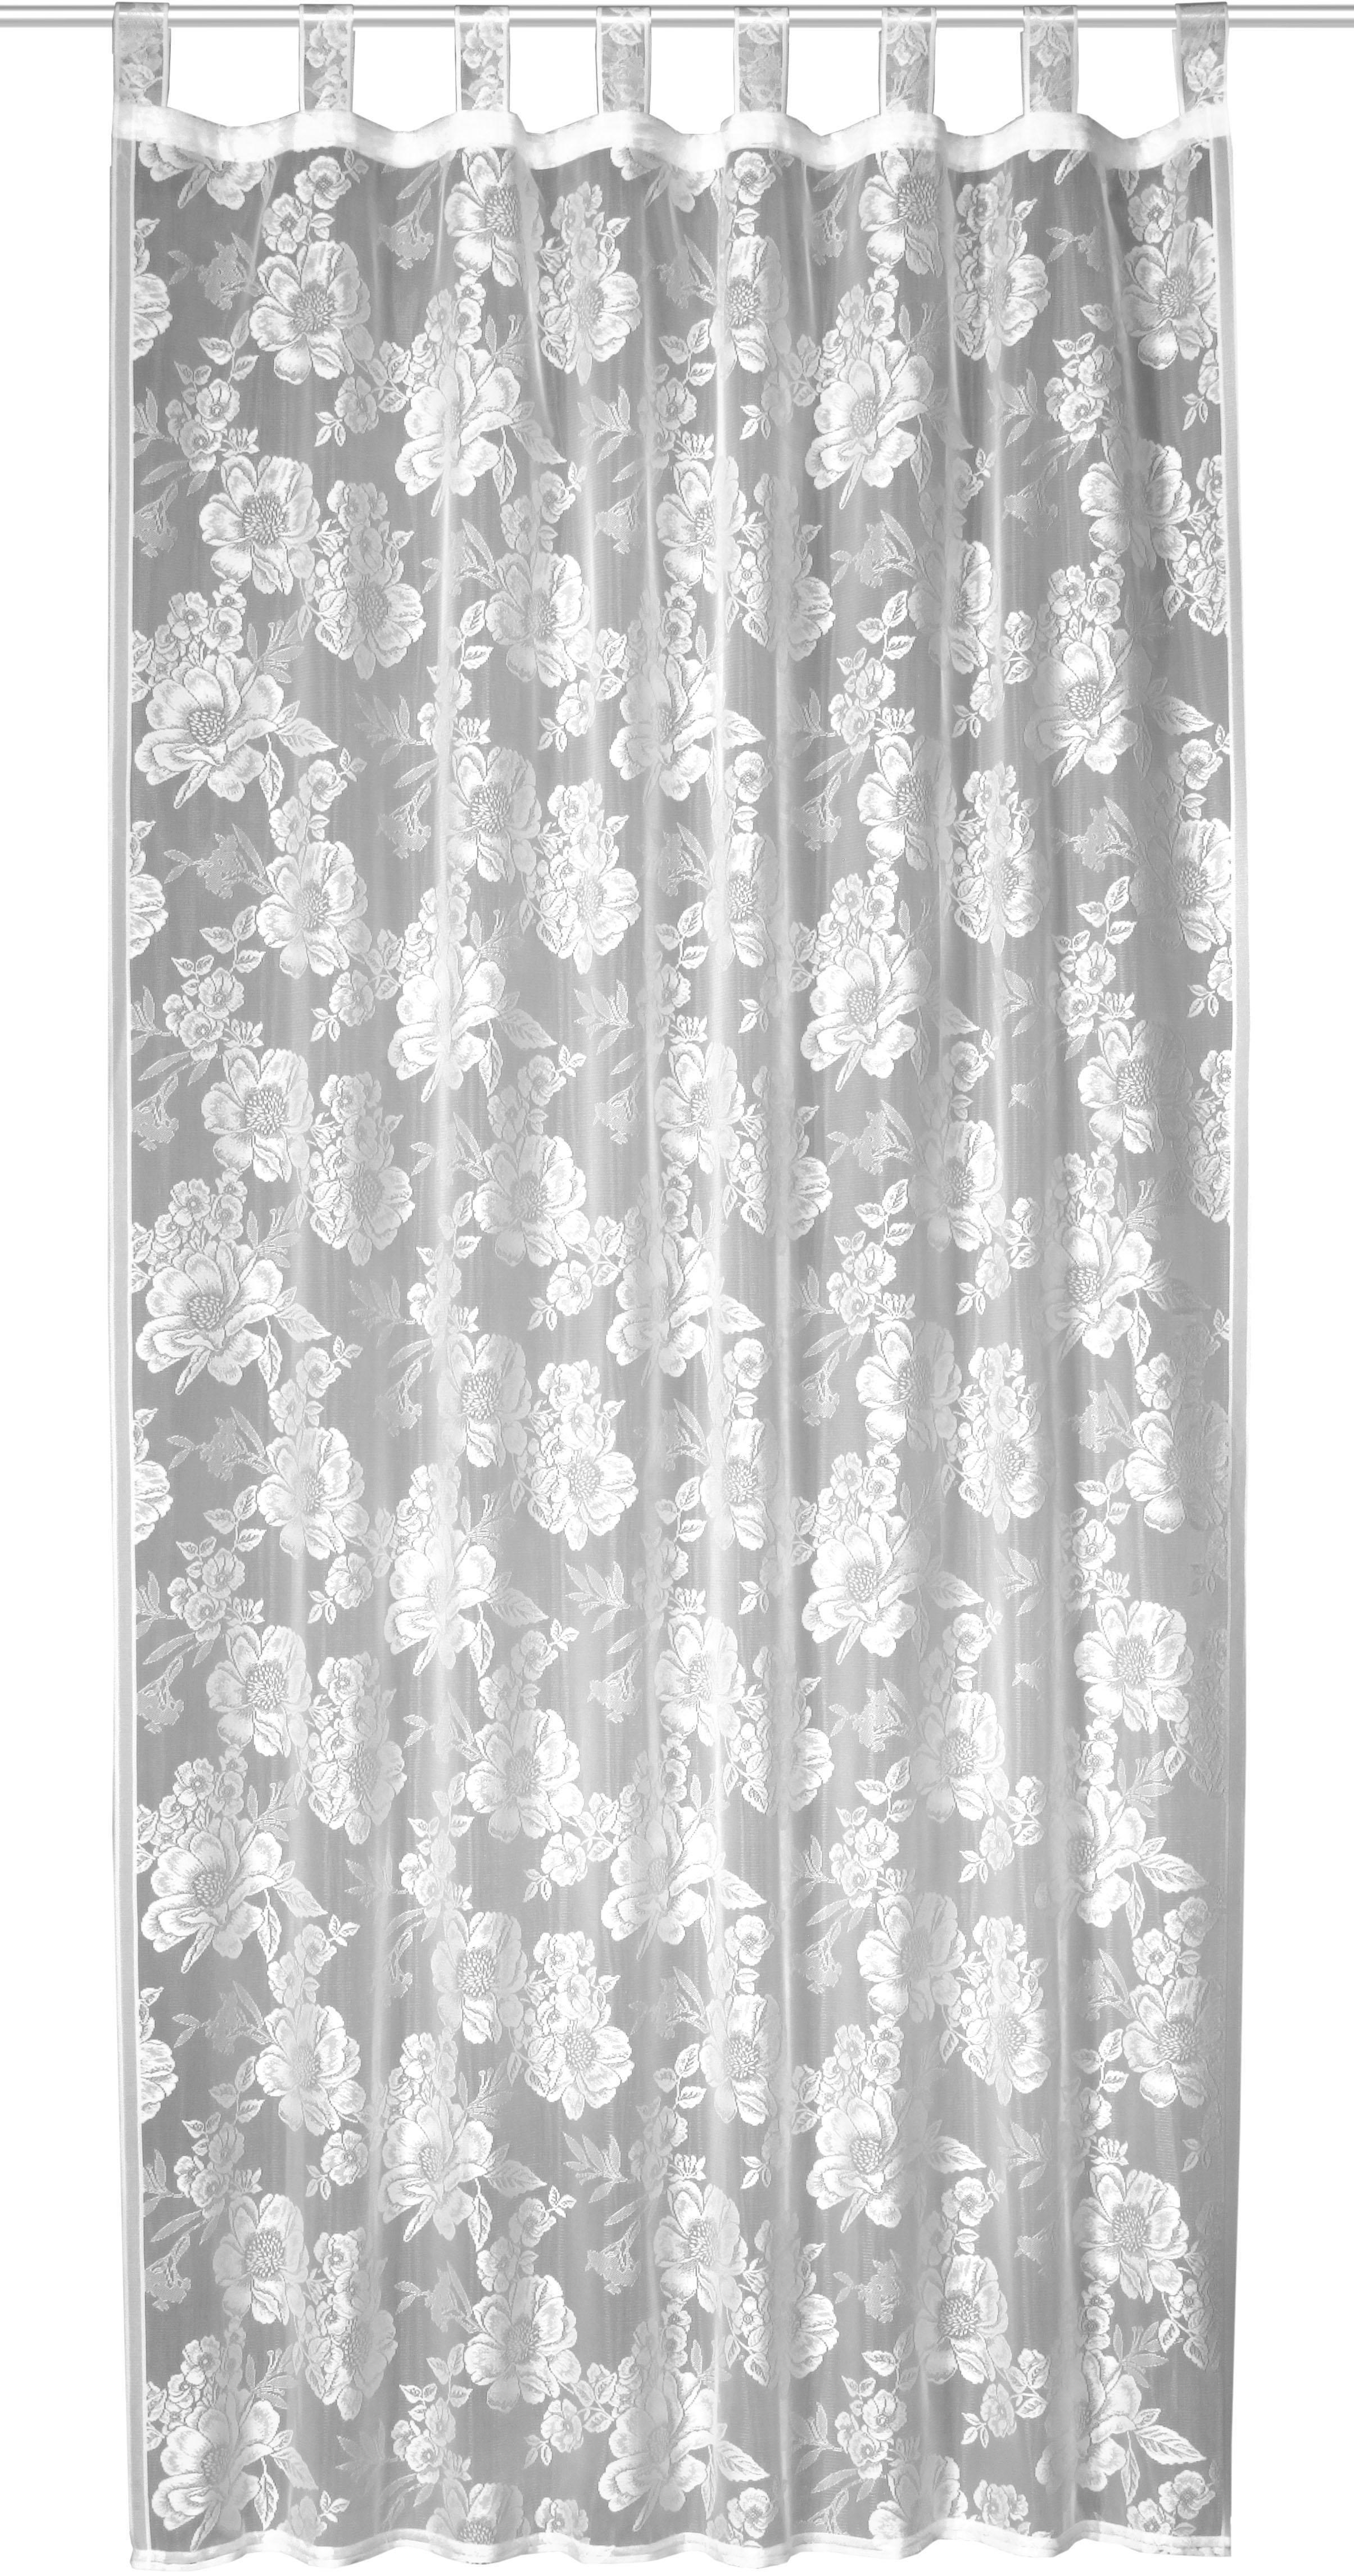 WILLKOMMEN ZUHAUSE by ALBANI GROUP gordijn Aalen HxB: 245x140, lussjaal met rimpelband (1 stuk) goedkoop op otto.nl kopen